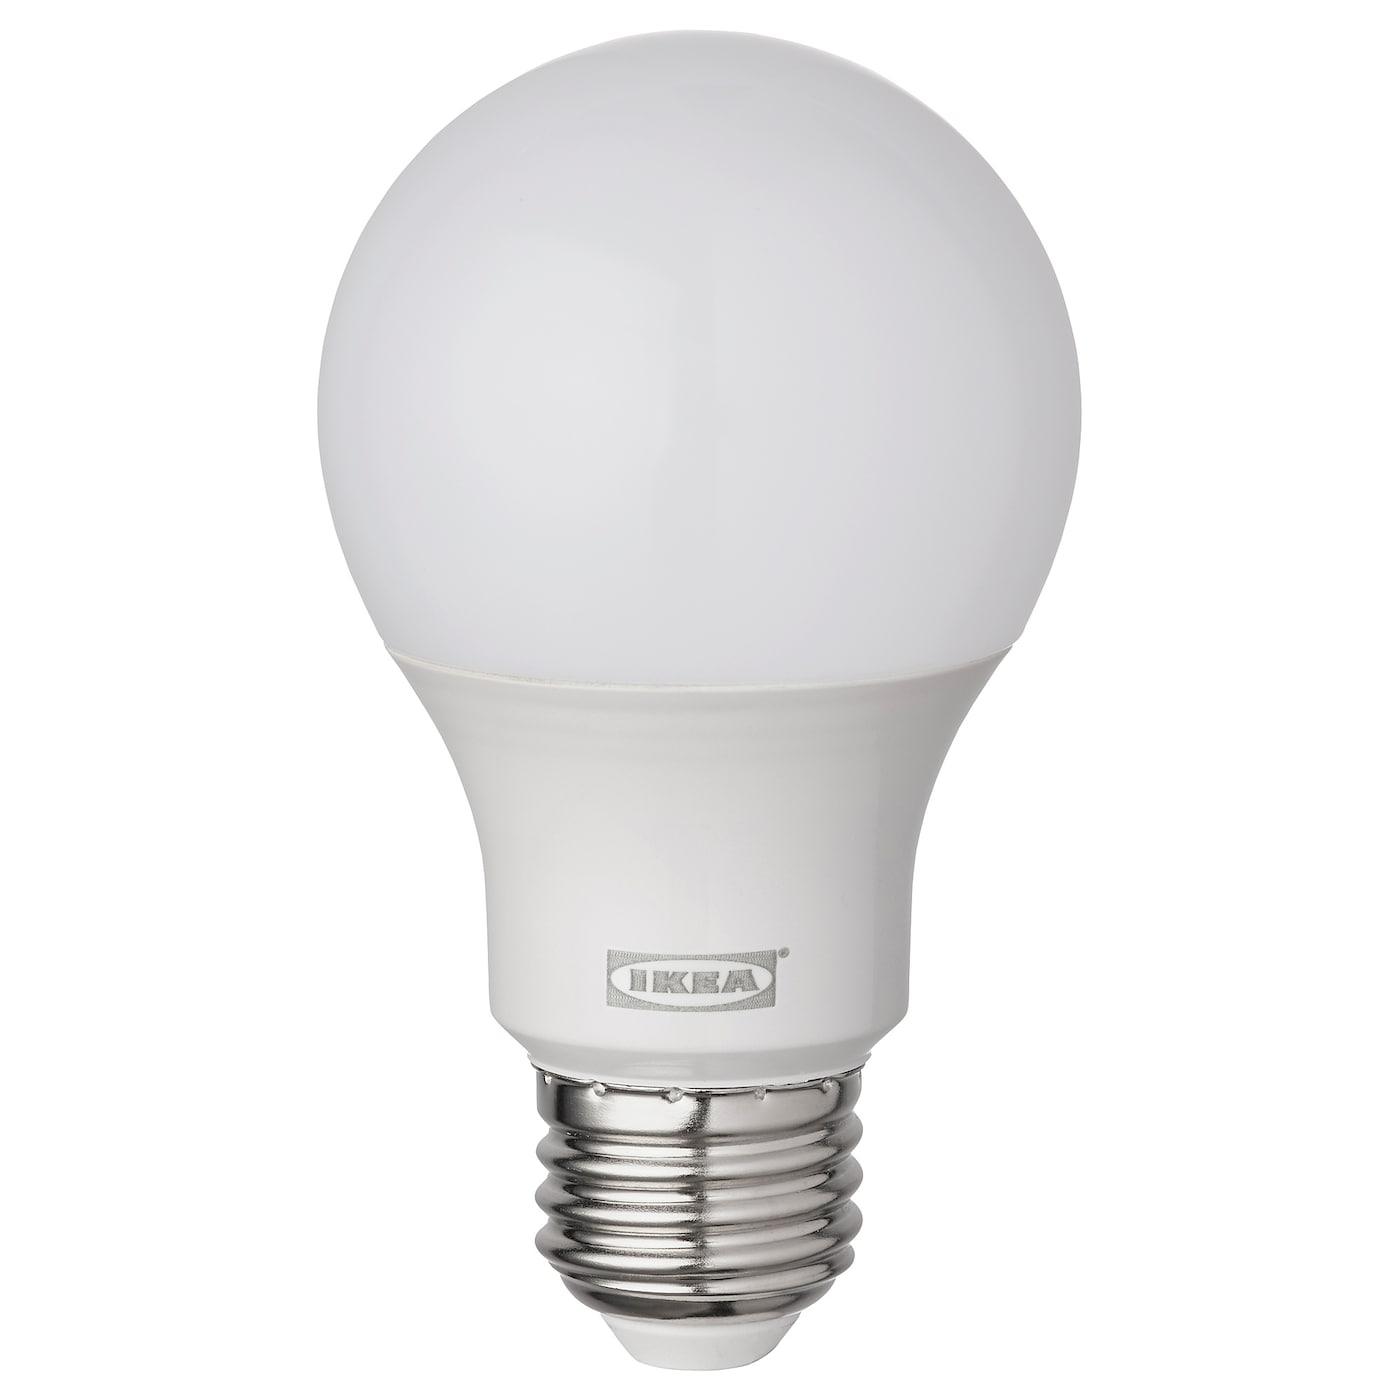 RYET LED bulb E26 450 lumen, globe opal white